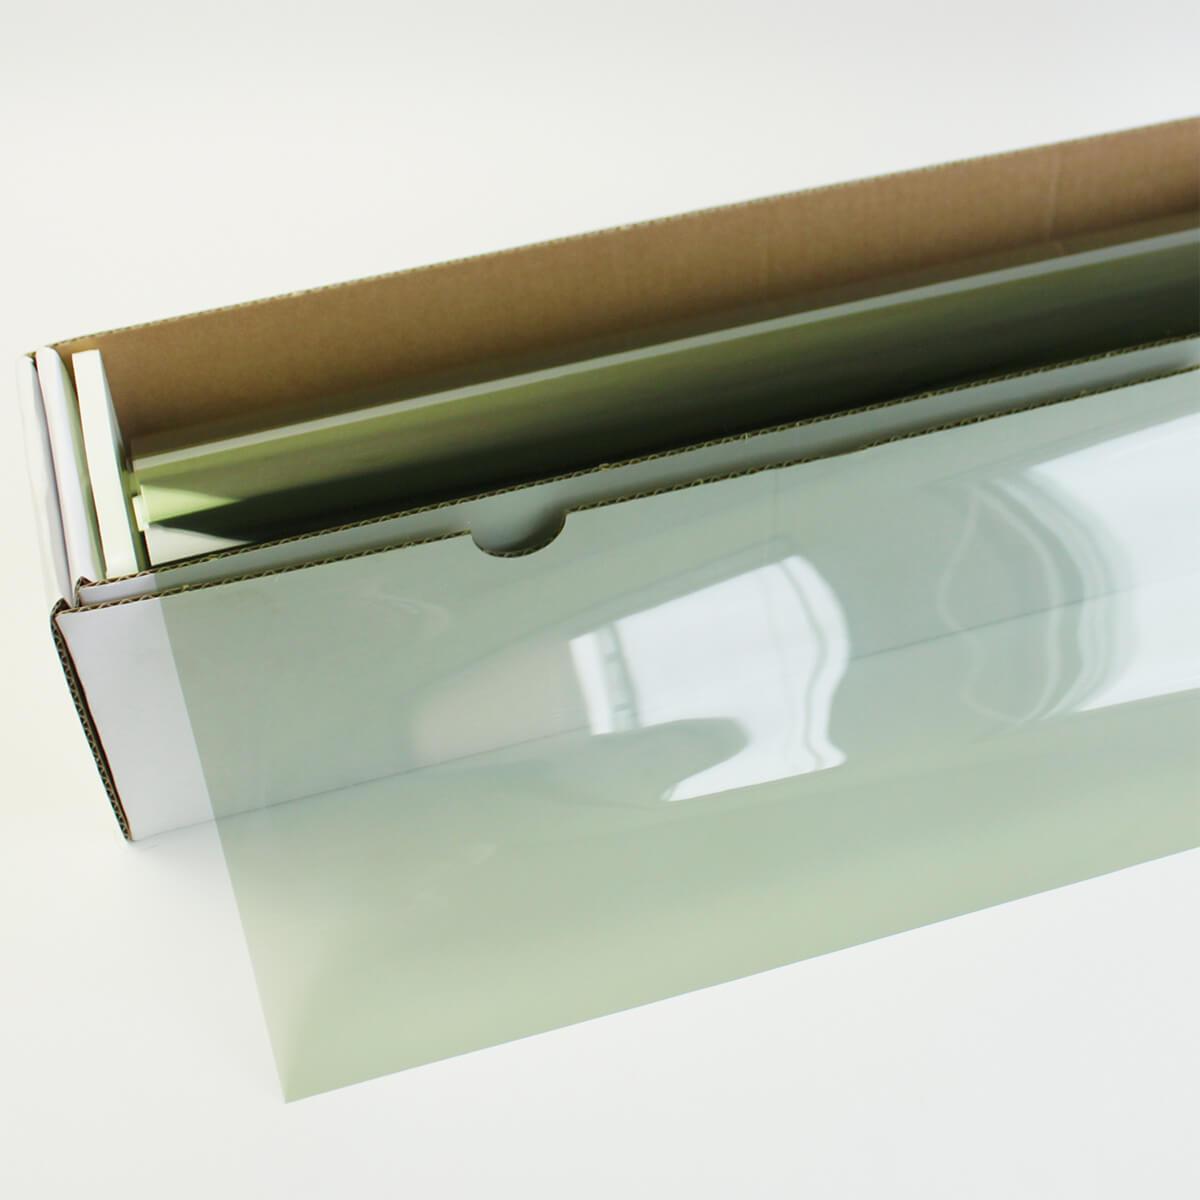 SPグリーンメタル60(65%) 1m幅×30mロール箱売 ウィンドウフィルム 窓ガラスフィルム 遮熱フィルム 断熱フィルム UVカットフィルム ブレインテック Braintec #SP60GN40#